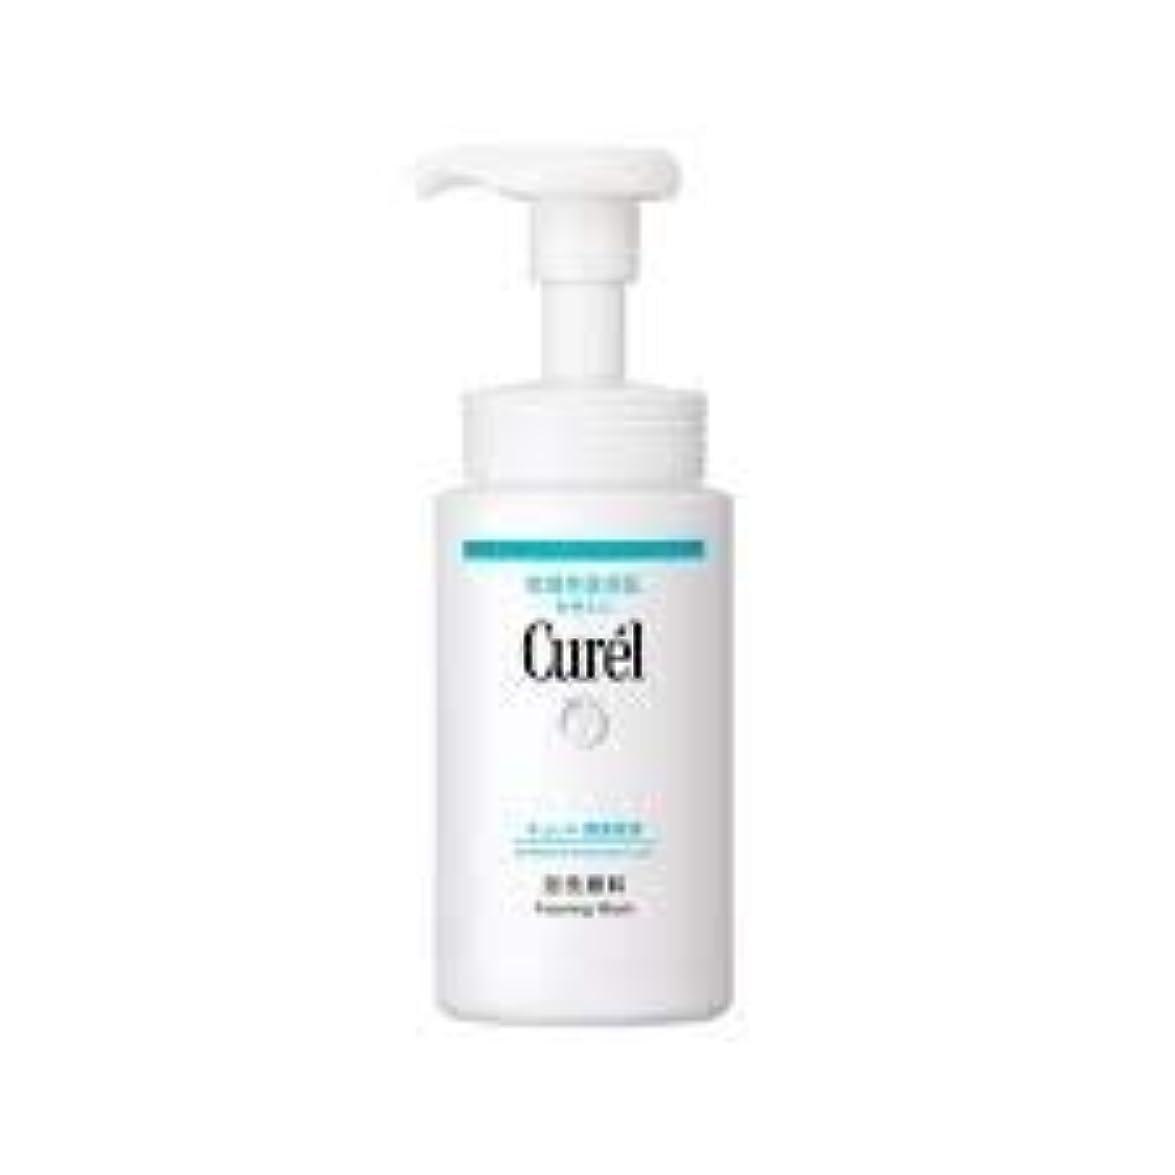 測定子音湖Curél キュレル集中治療保湿泡風呂ゲル150ミリリットル - セラミドの保護や食材を清掃含まれ、皮膚に圧力を最小限にします